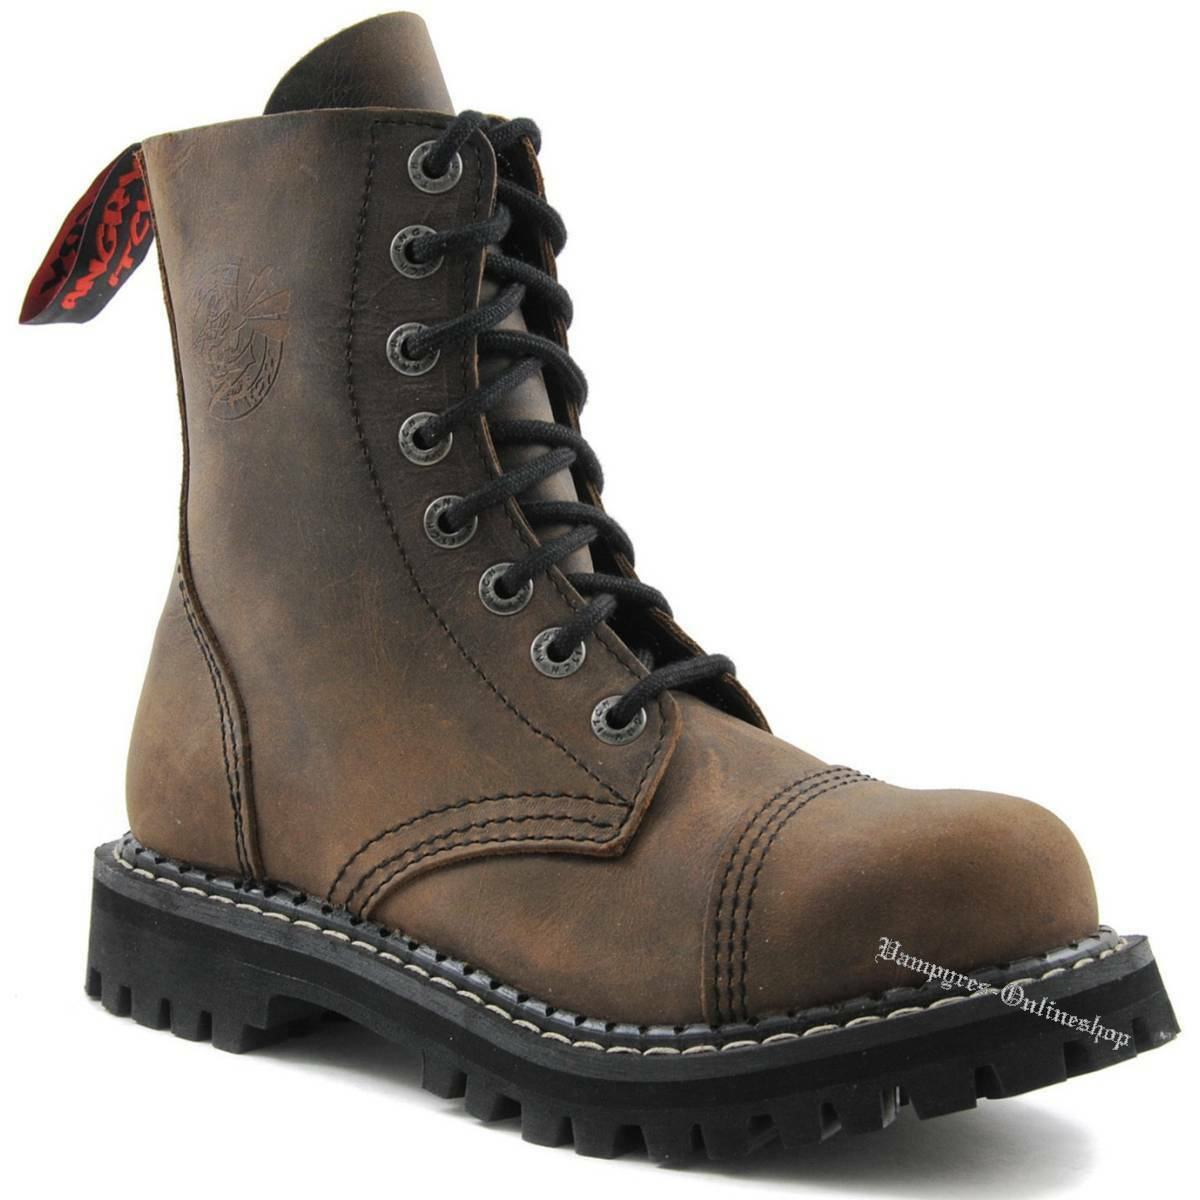 Angry Itch 8-agujero marrón vintage Brown rangers botas de cuero zapatos tapas de acero